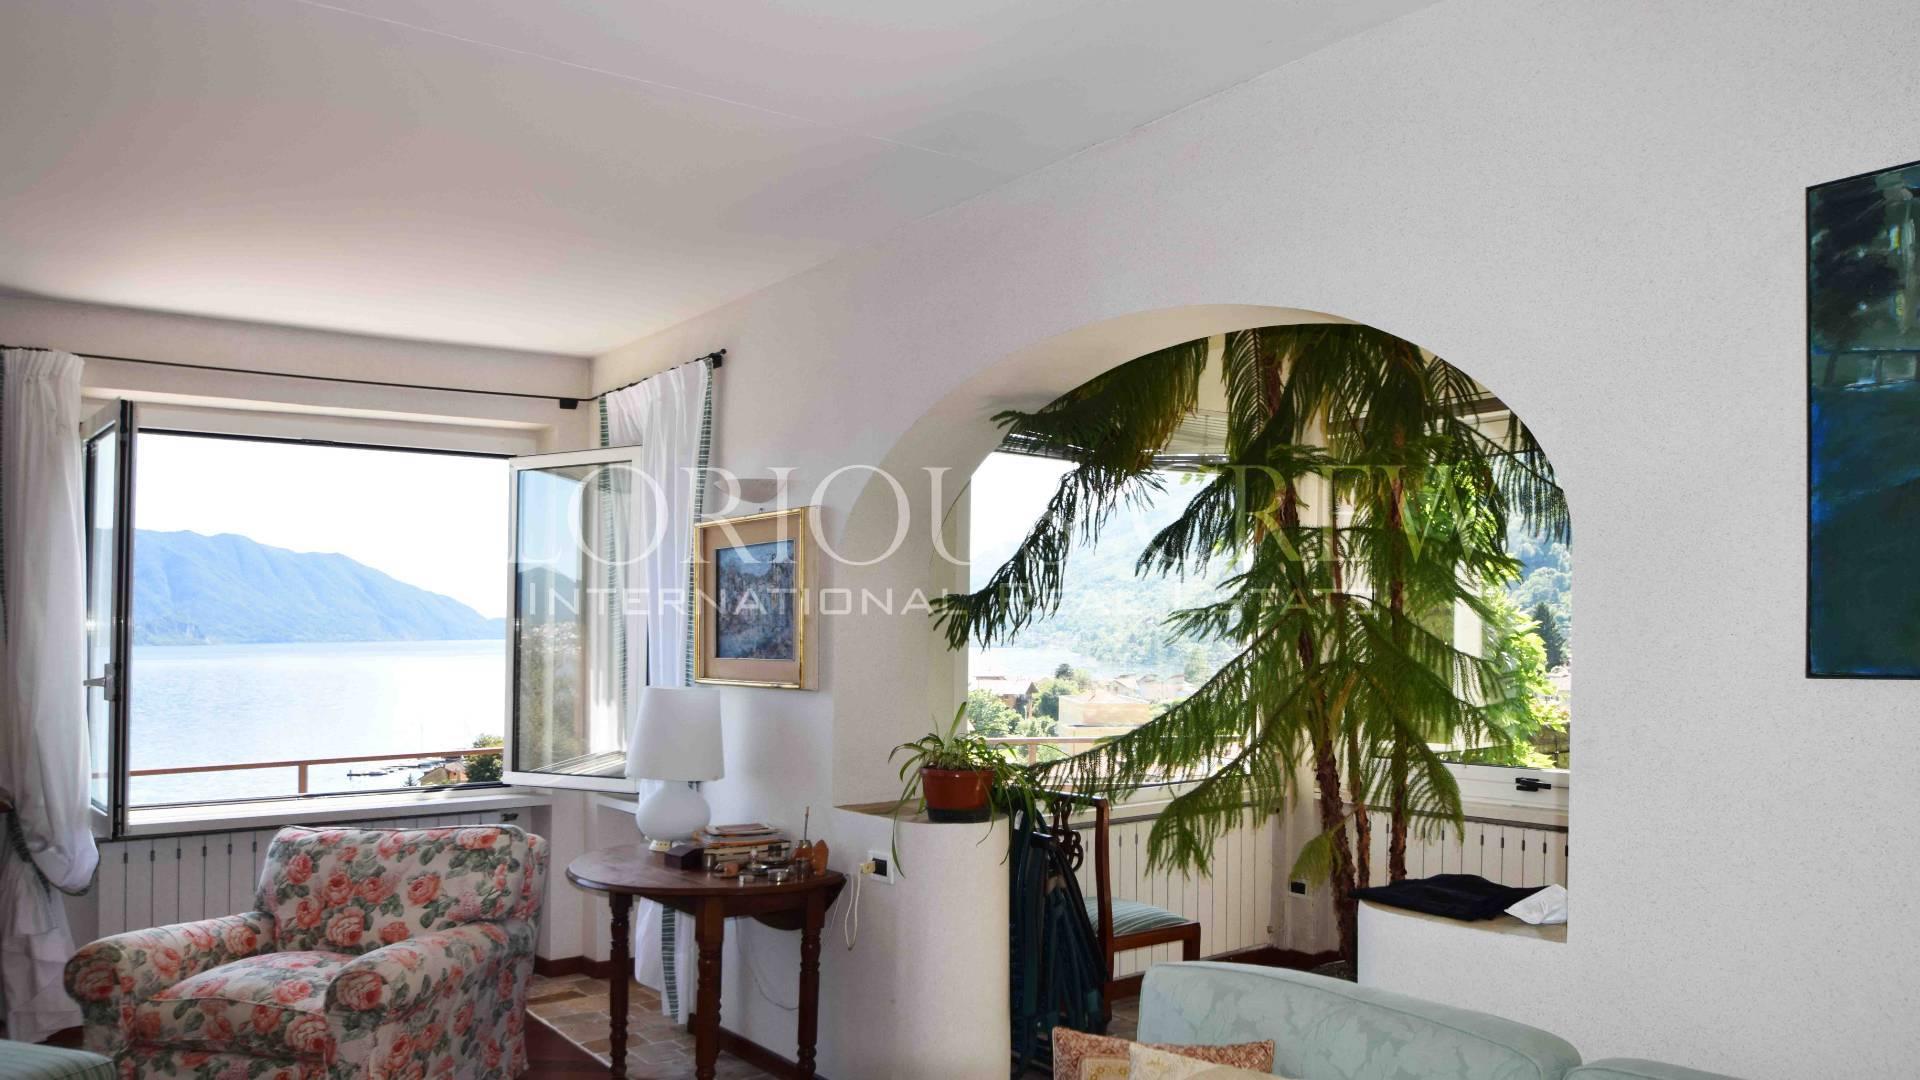 Villa in Vendita a Cannero Riviera: 5 locali, 310 mq - Foto 6